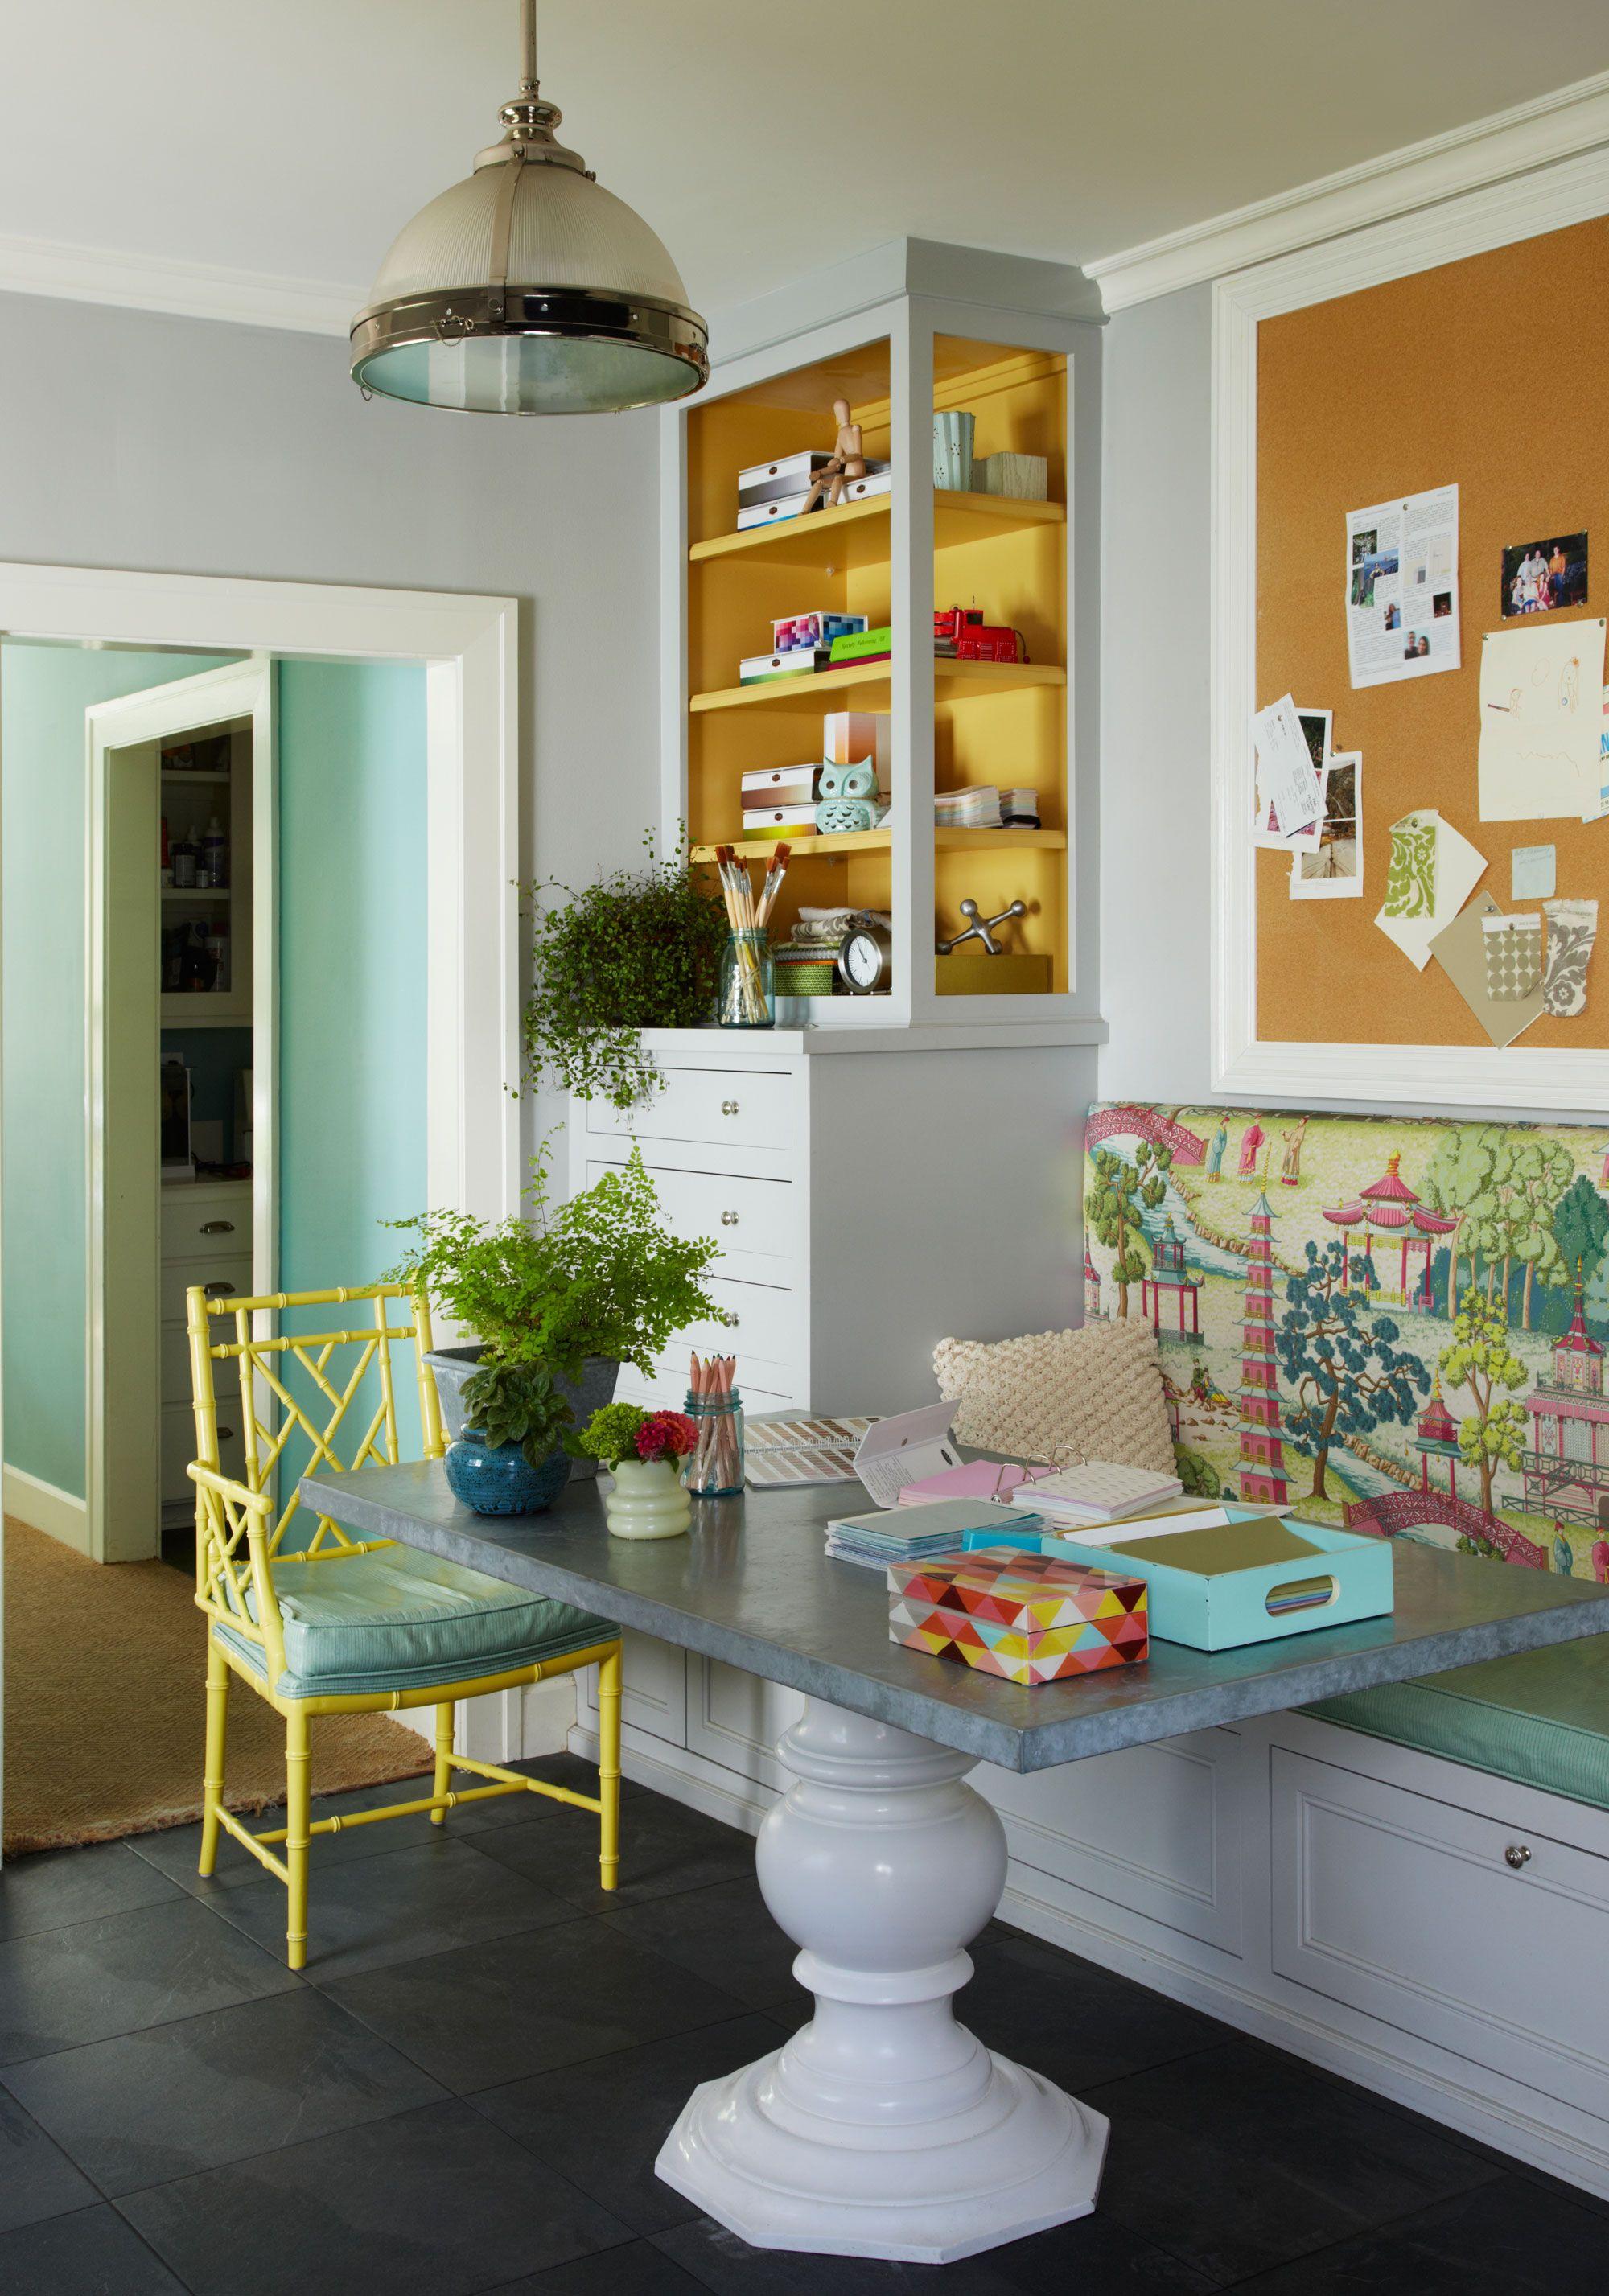 Dunn edwards paint colors walls ice gray dec790 trim carrara det649